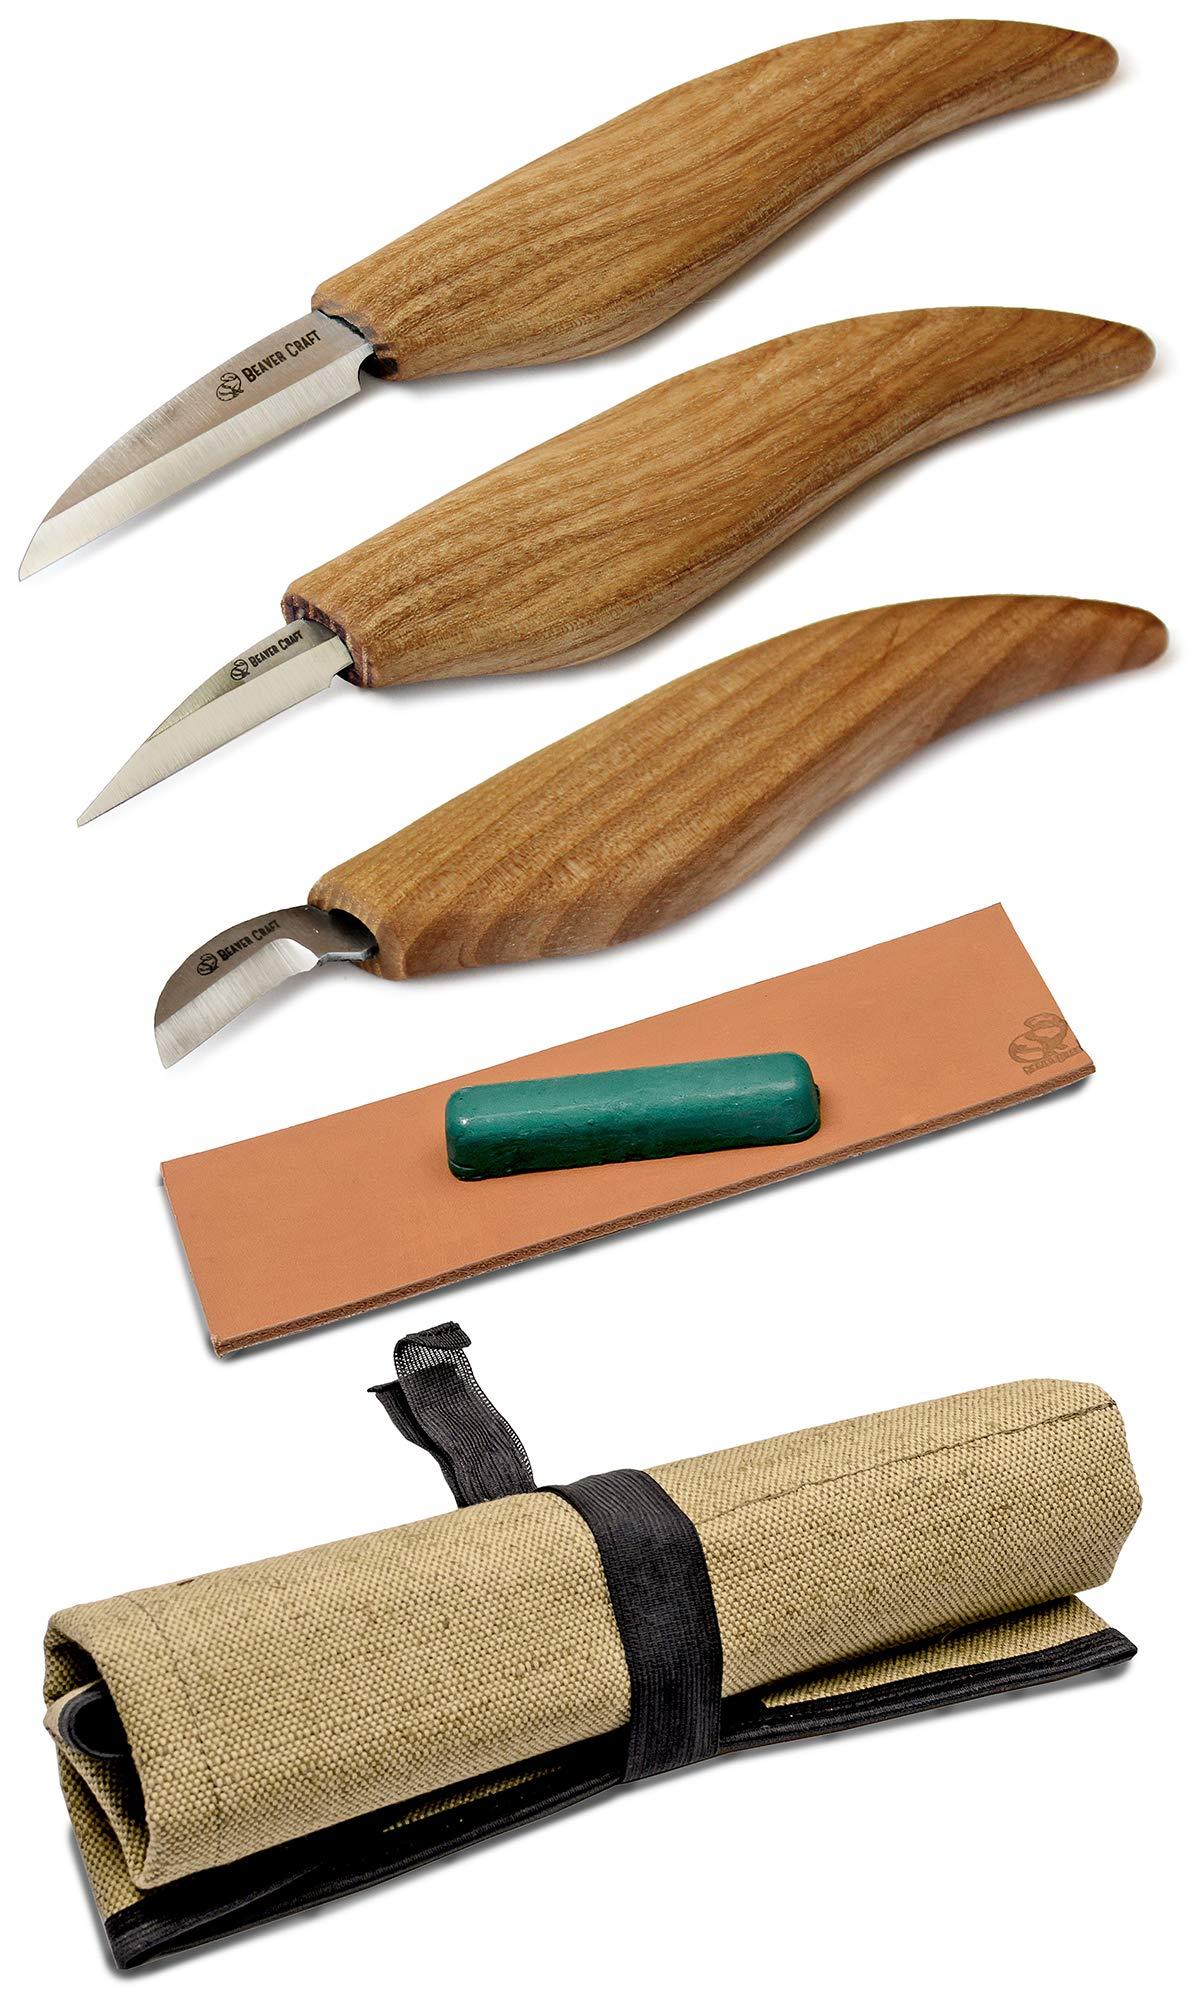 BeaverCraft S15 Whittling Wood Carving Kit - Wood Carving Tools Set - Chip Carving Knife Kit - Whittling Knife Set Whittling Tools Wood Carving Wood for Beginners (Chip Carving Knife Kit) by BeaverCraft